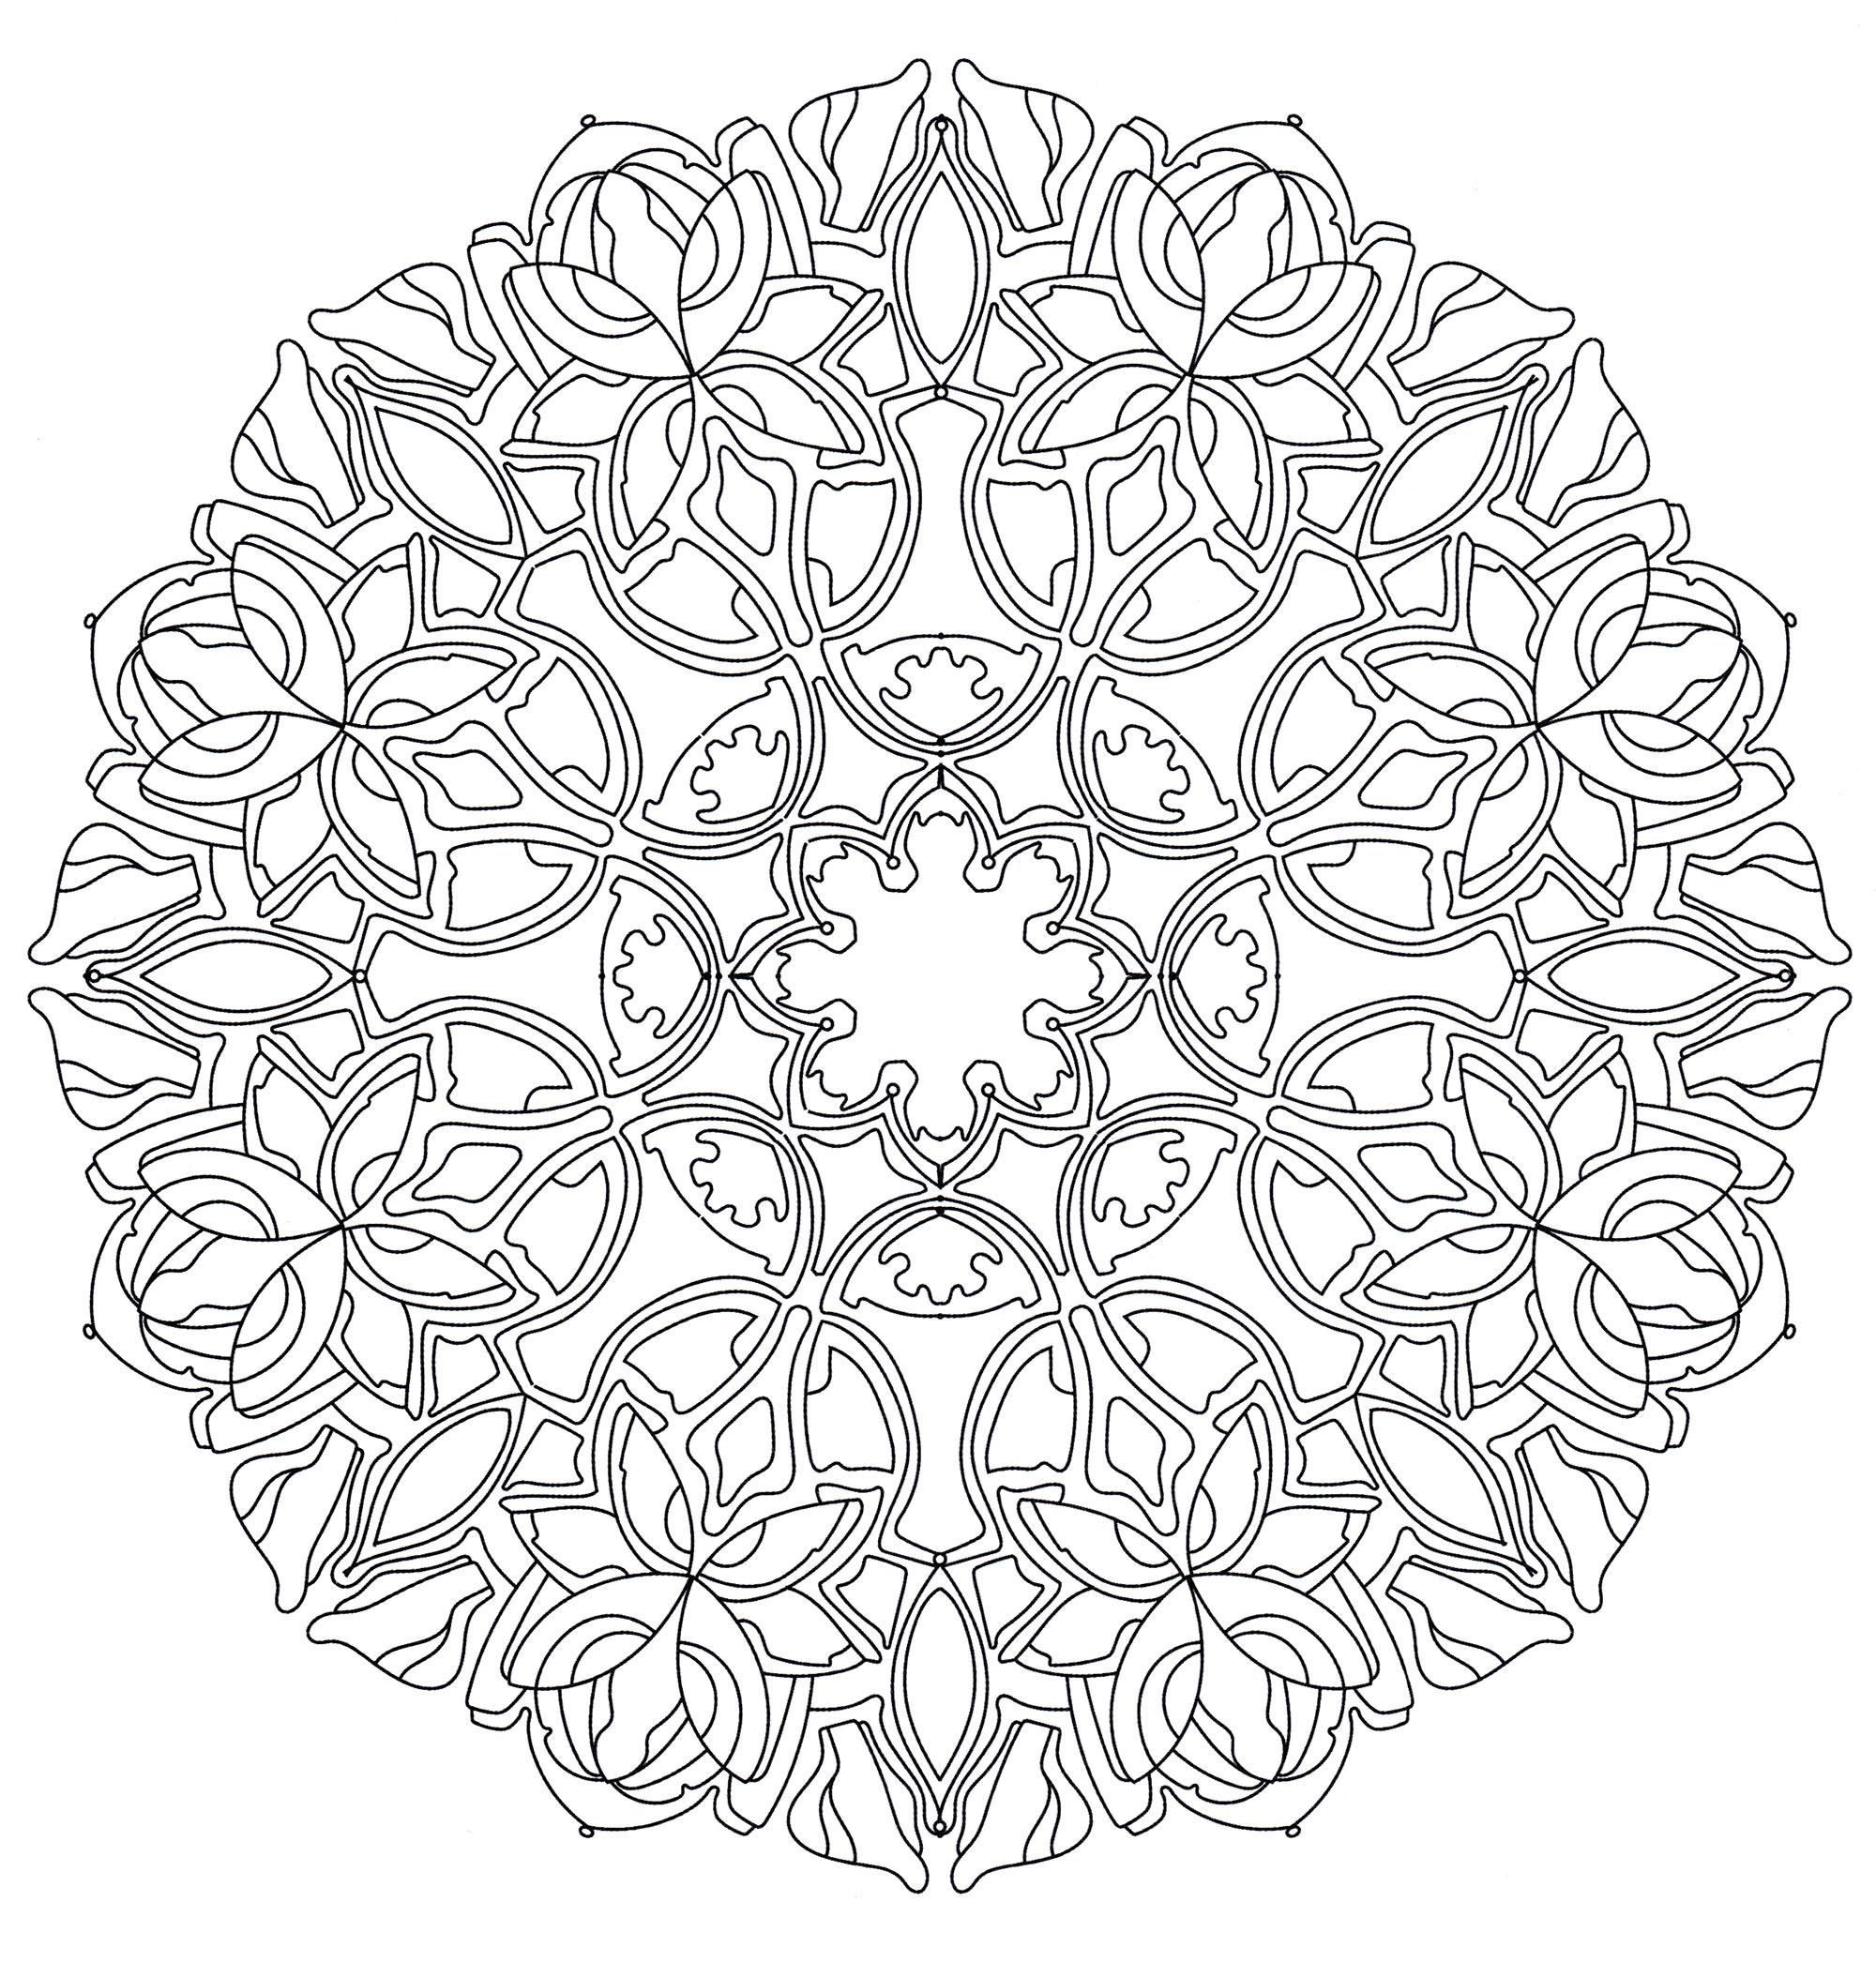 Раскраска Мандала Зимние узоры - распечатать бесплатно